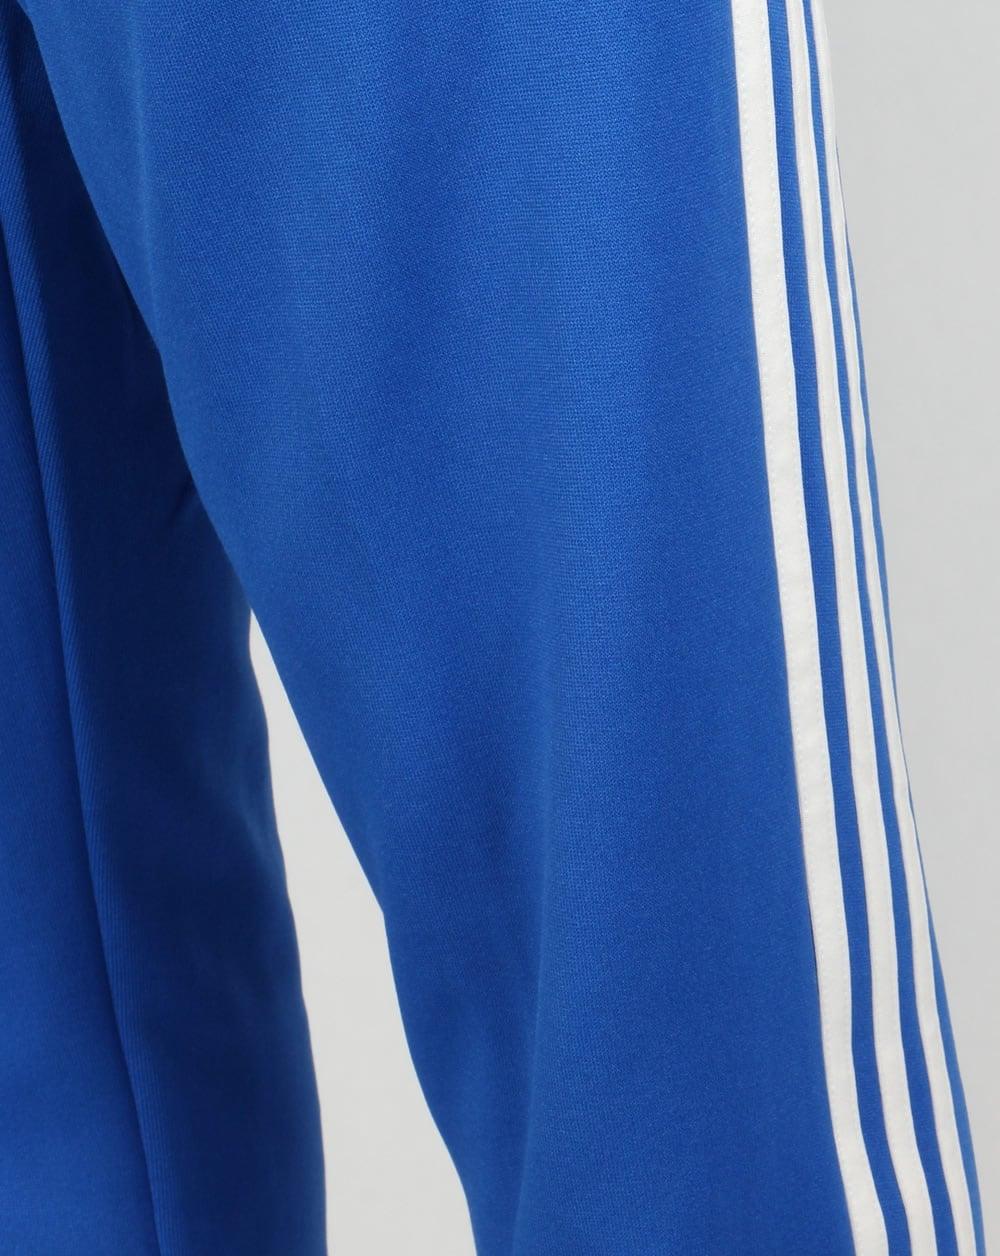 Adidas Originals Pantalon Poly Menottées Superstar Hommes zi54B